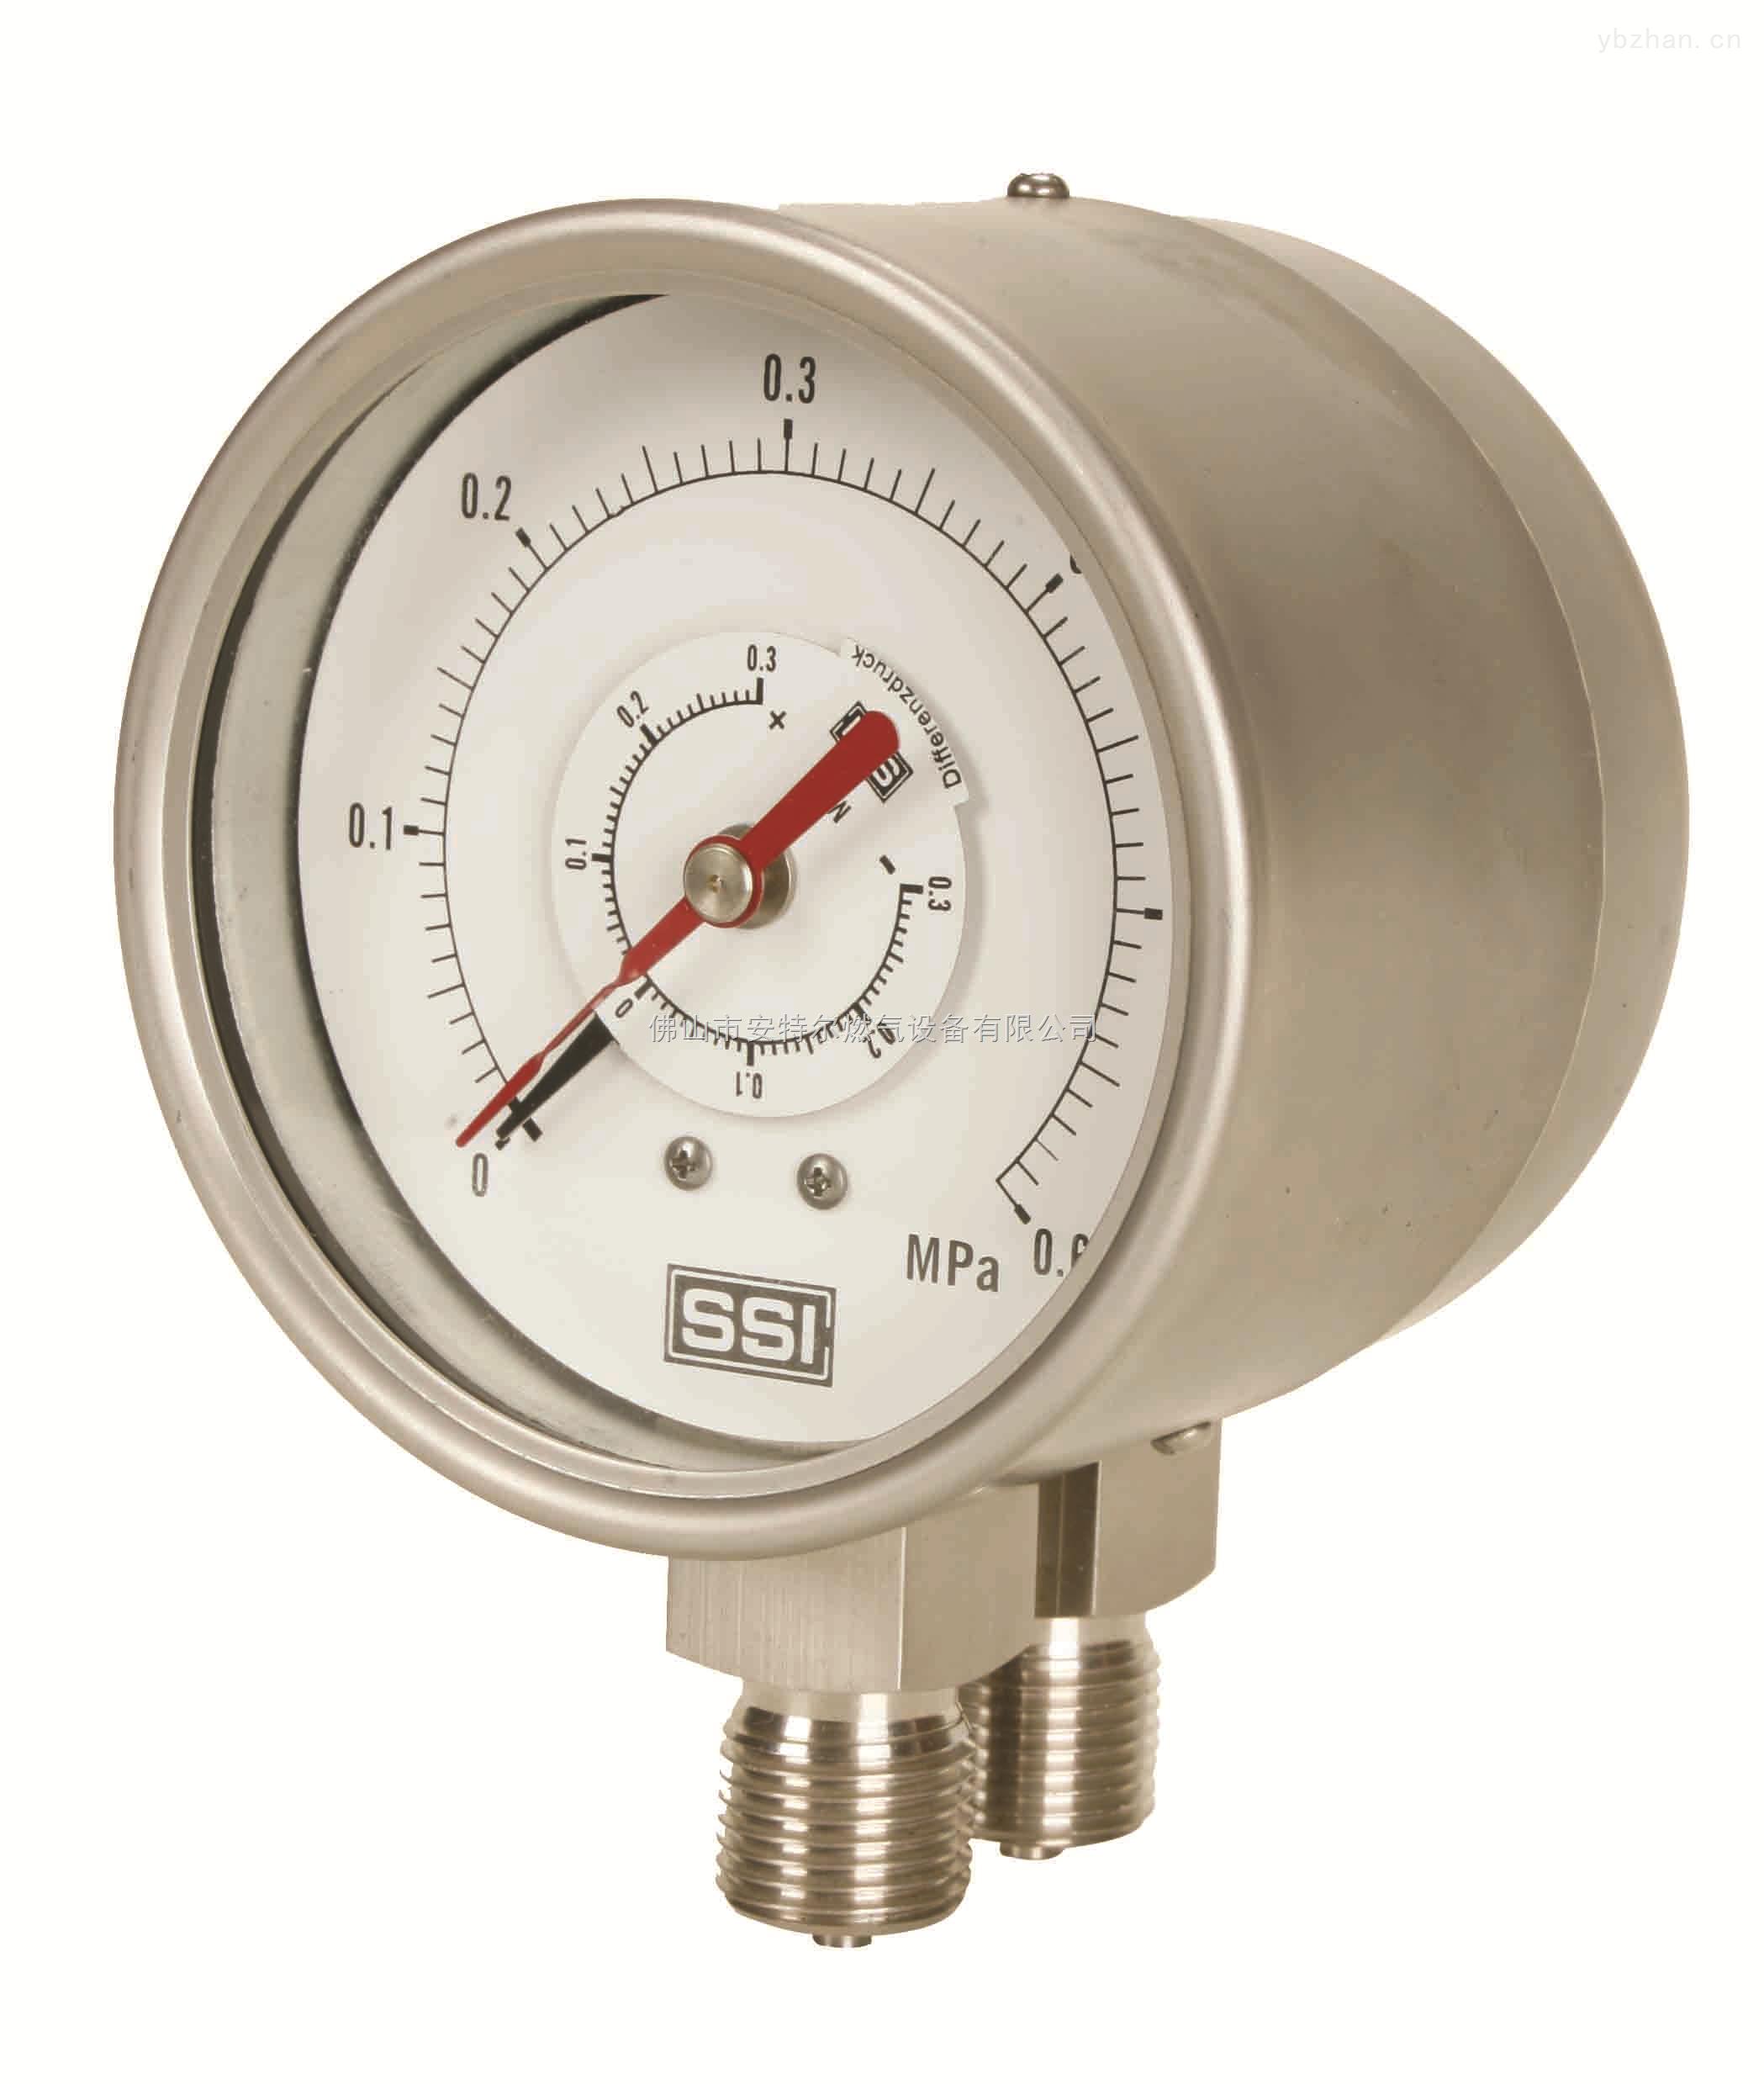 20KG-管道燃气压力表